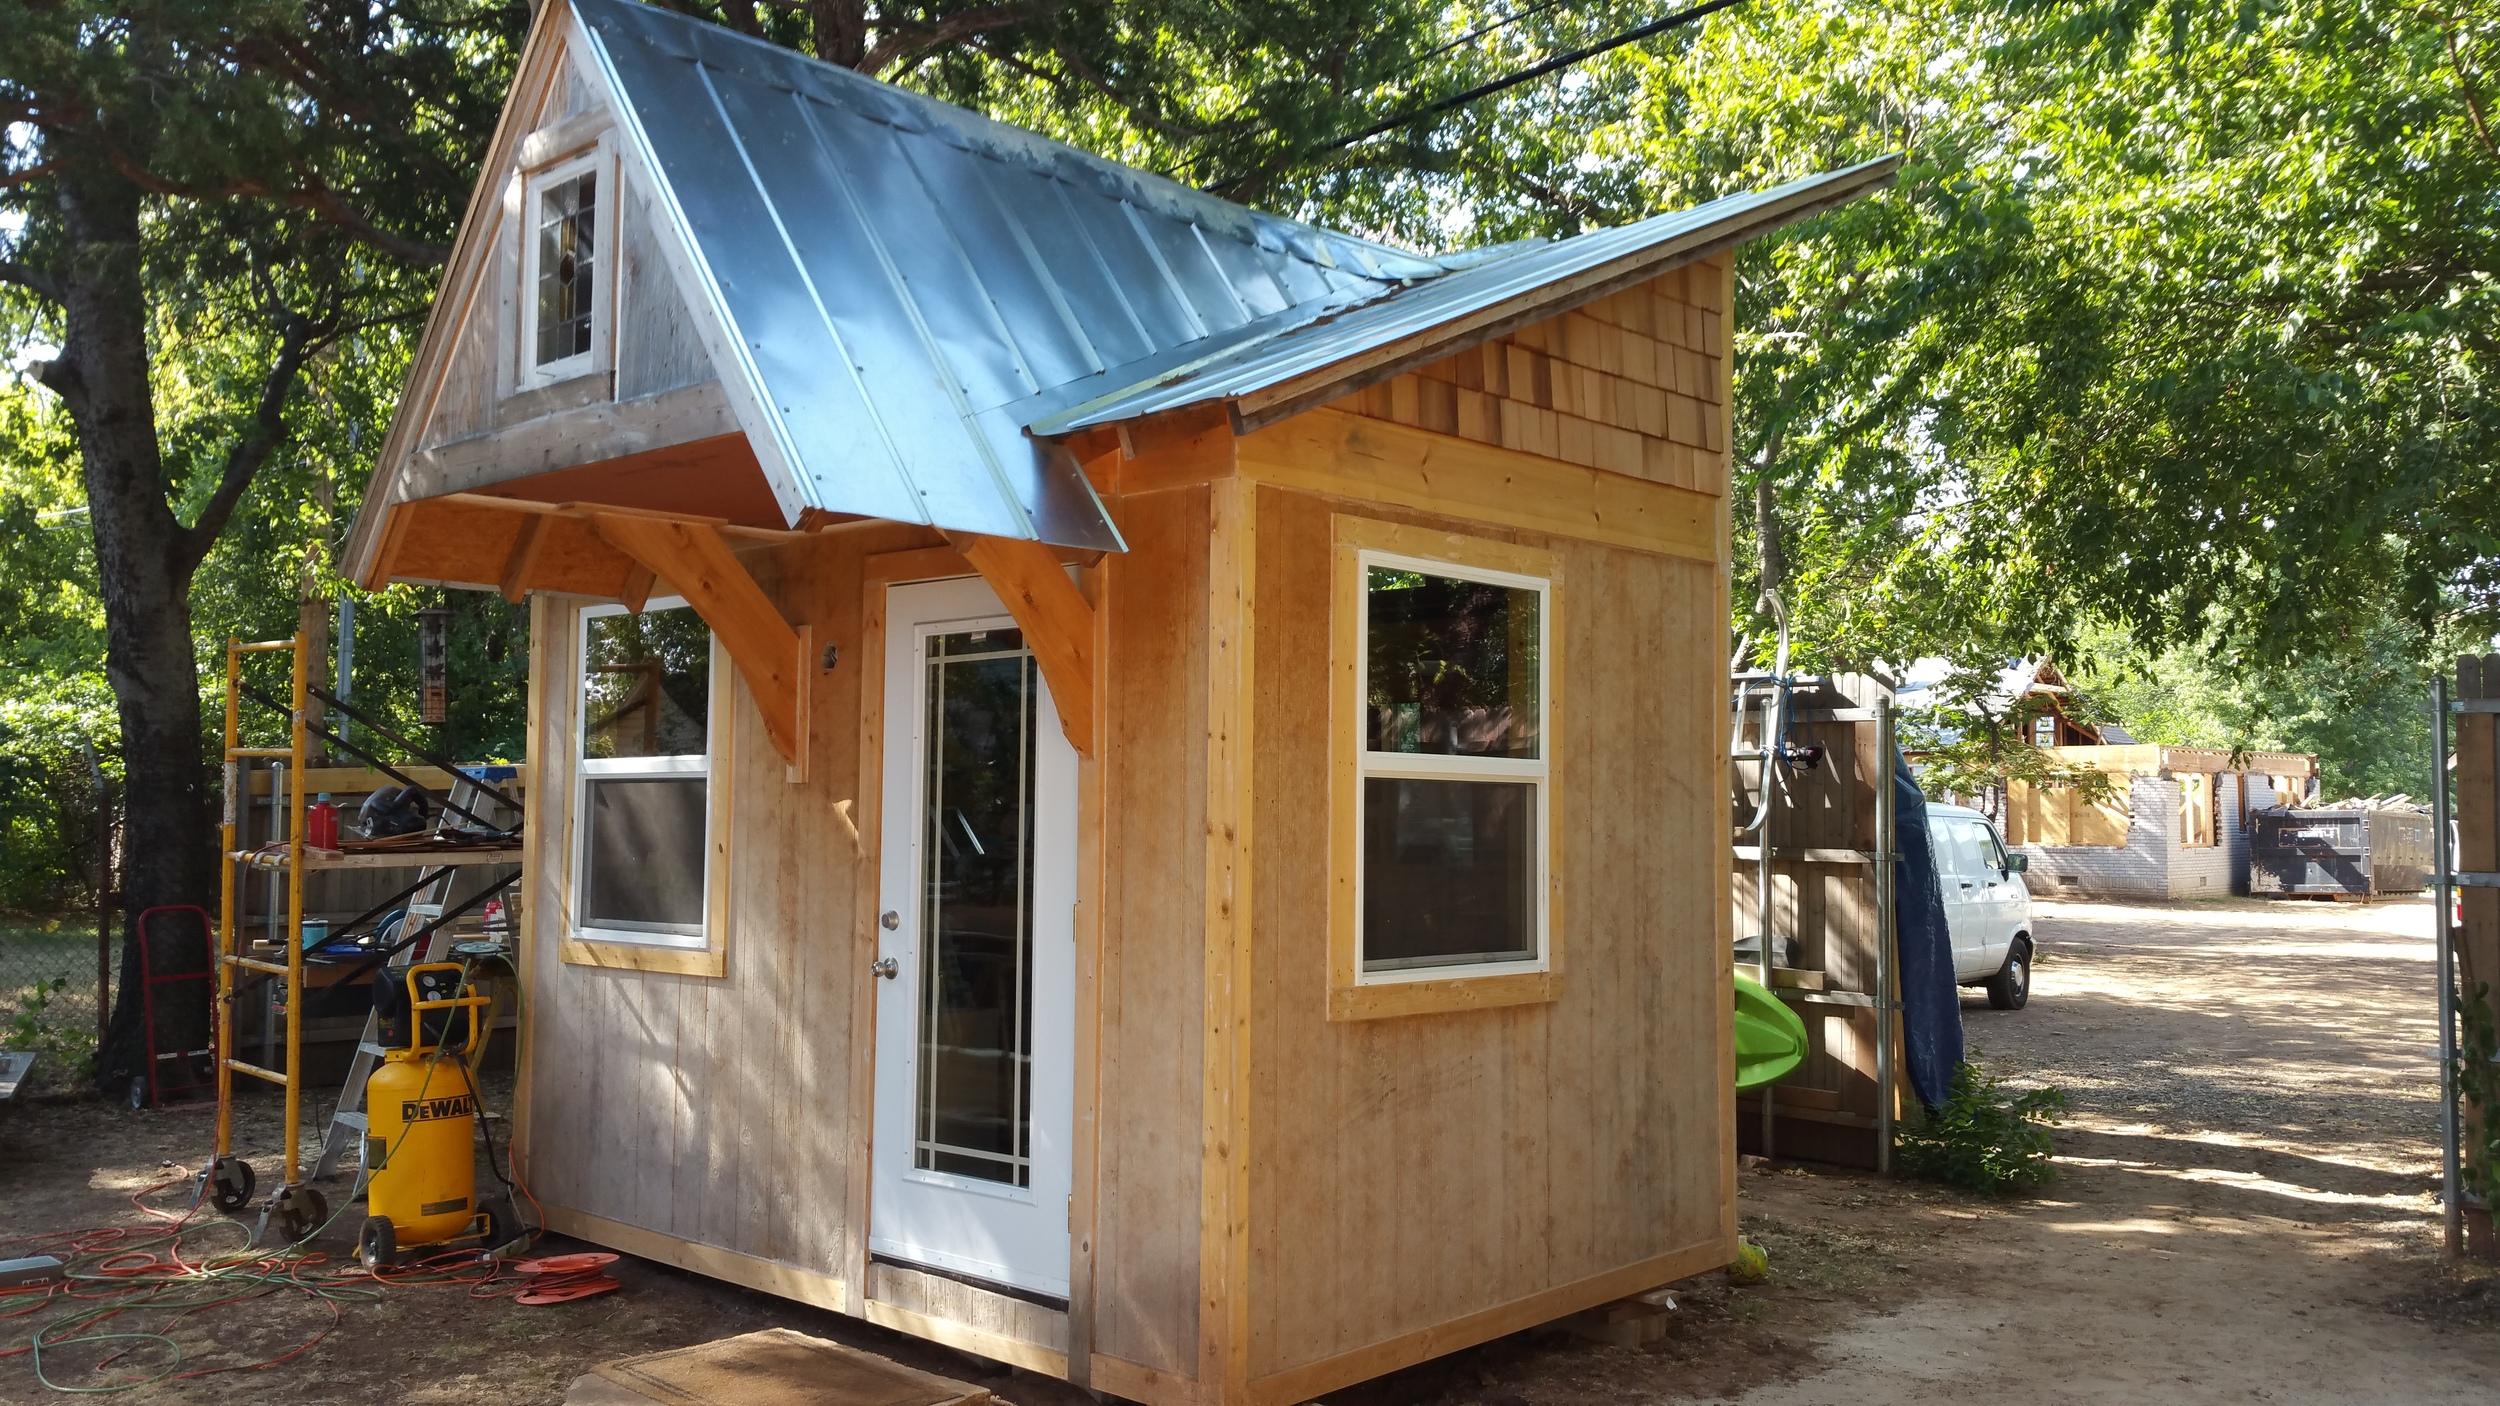 k shed - 082.jpg